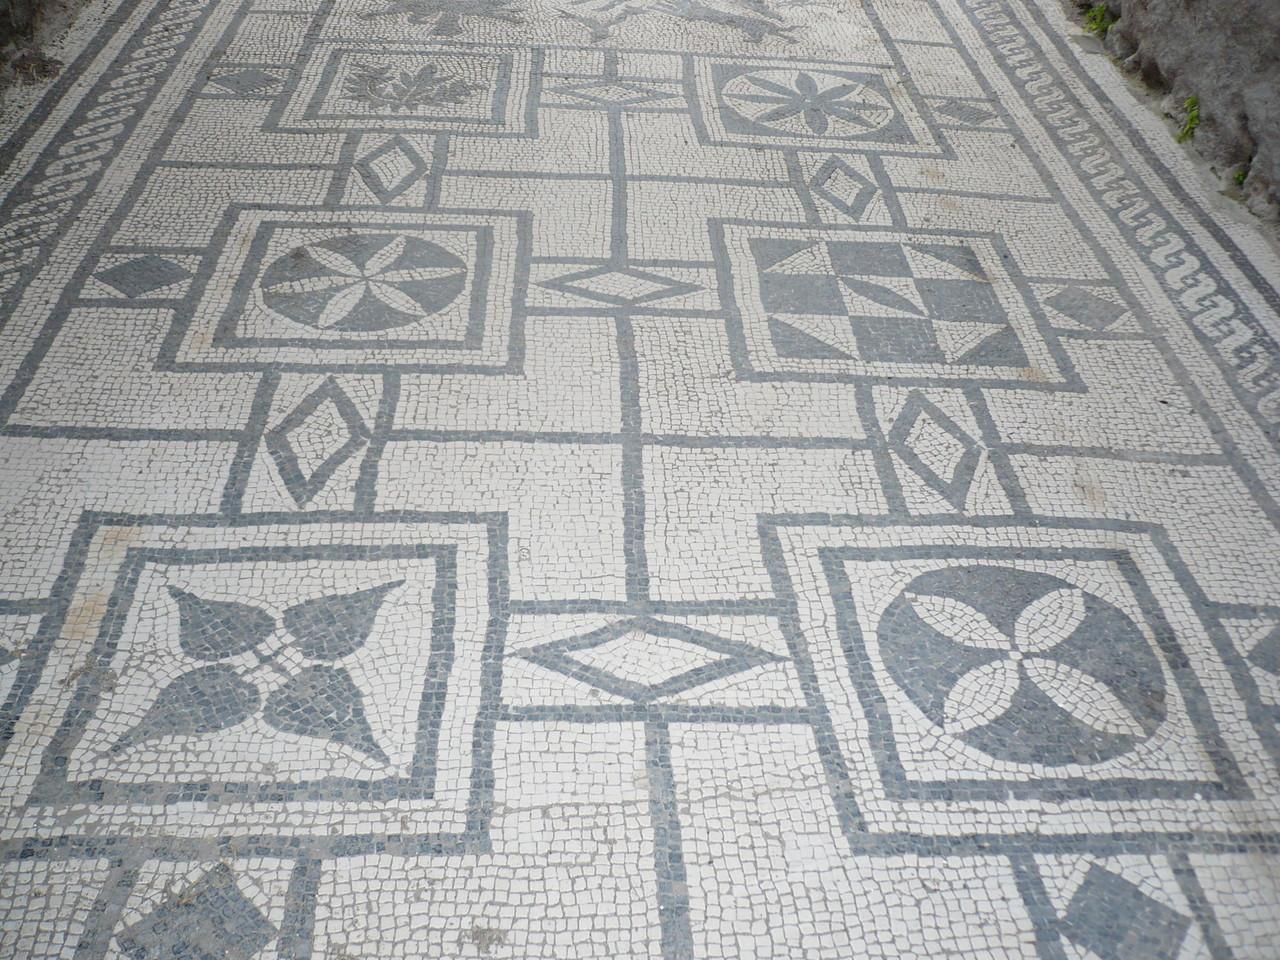 Es gibt sie natürlich: die gut erhaltenen Mosaike